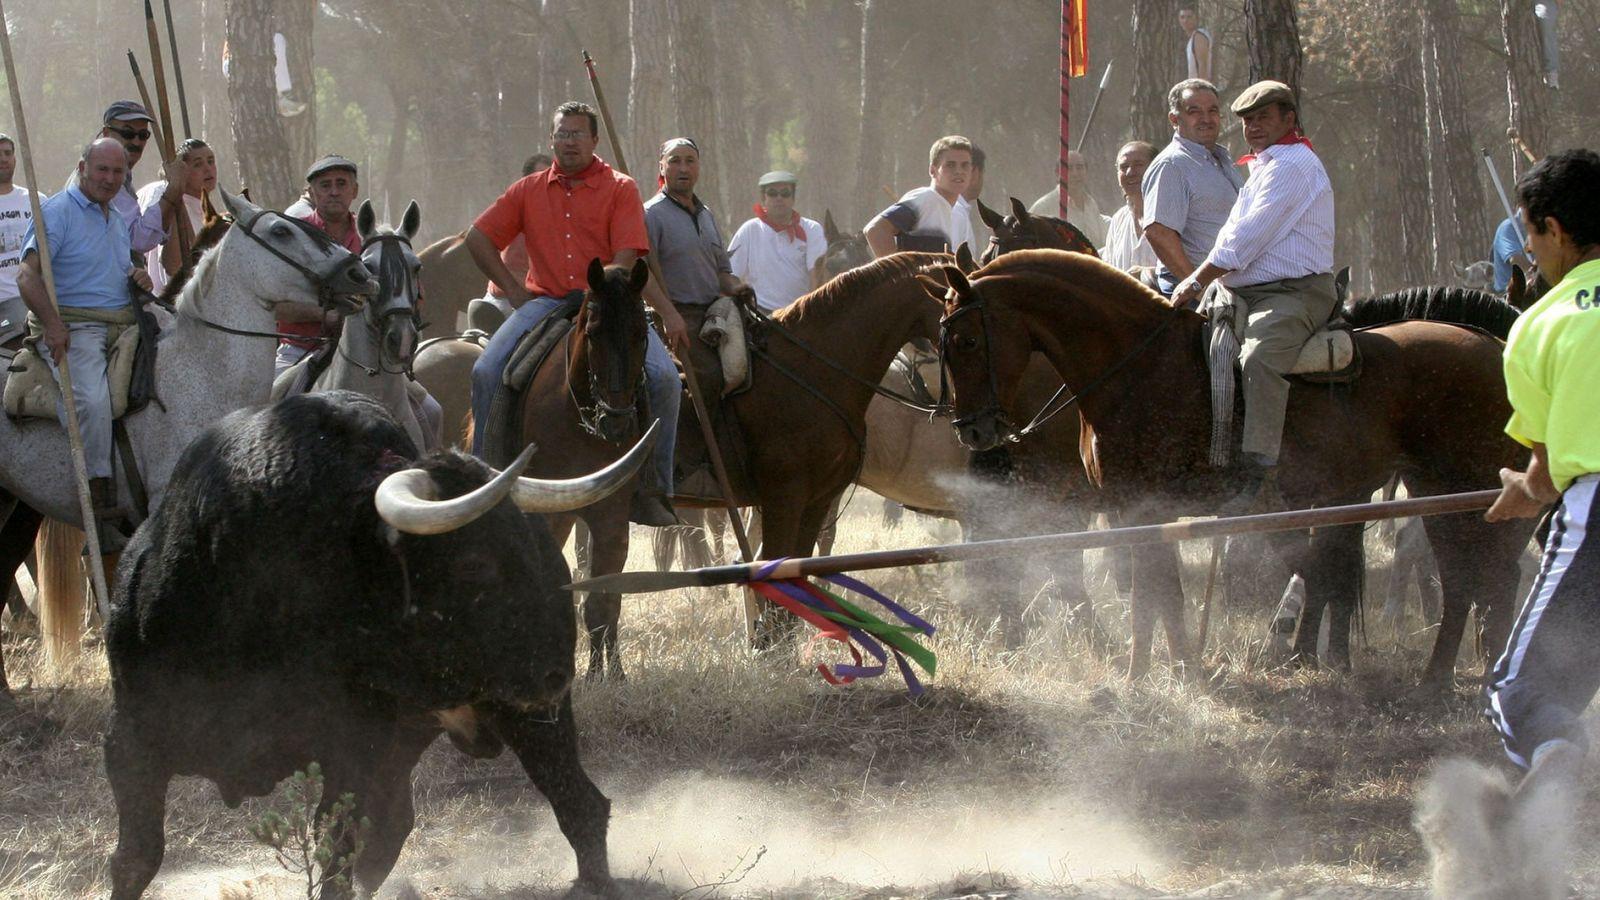 Foto: Fotografía de archivo tomada en Valladolid de la celebración del Toro de la Vega, en Tordesillas. (Efe)